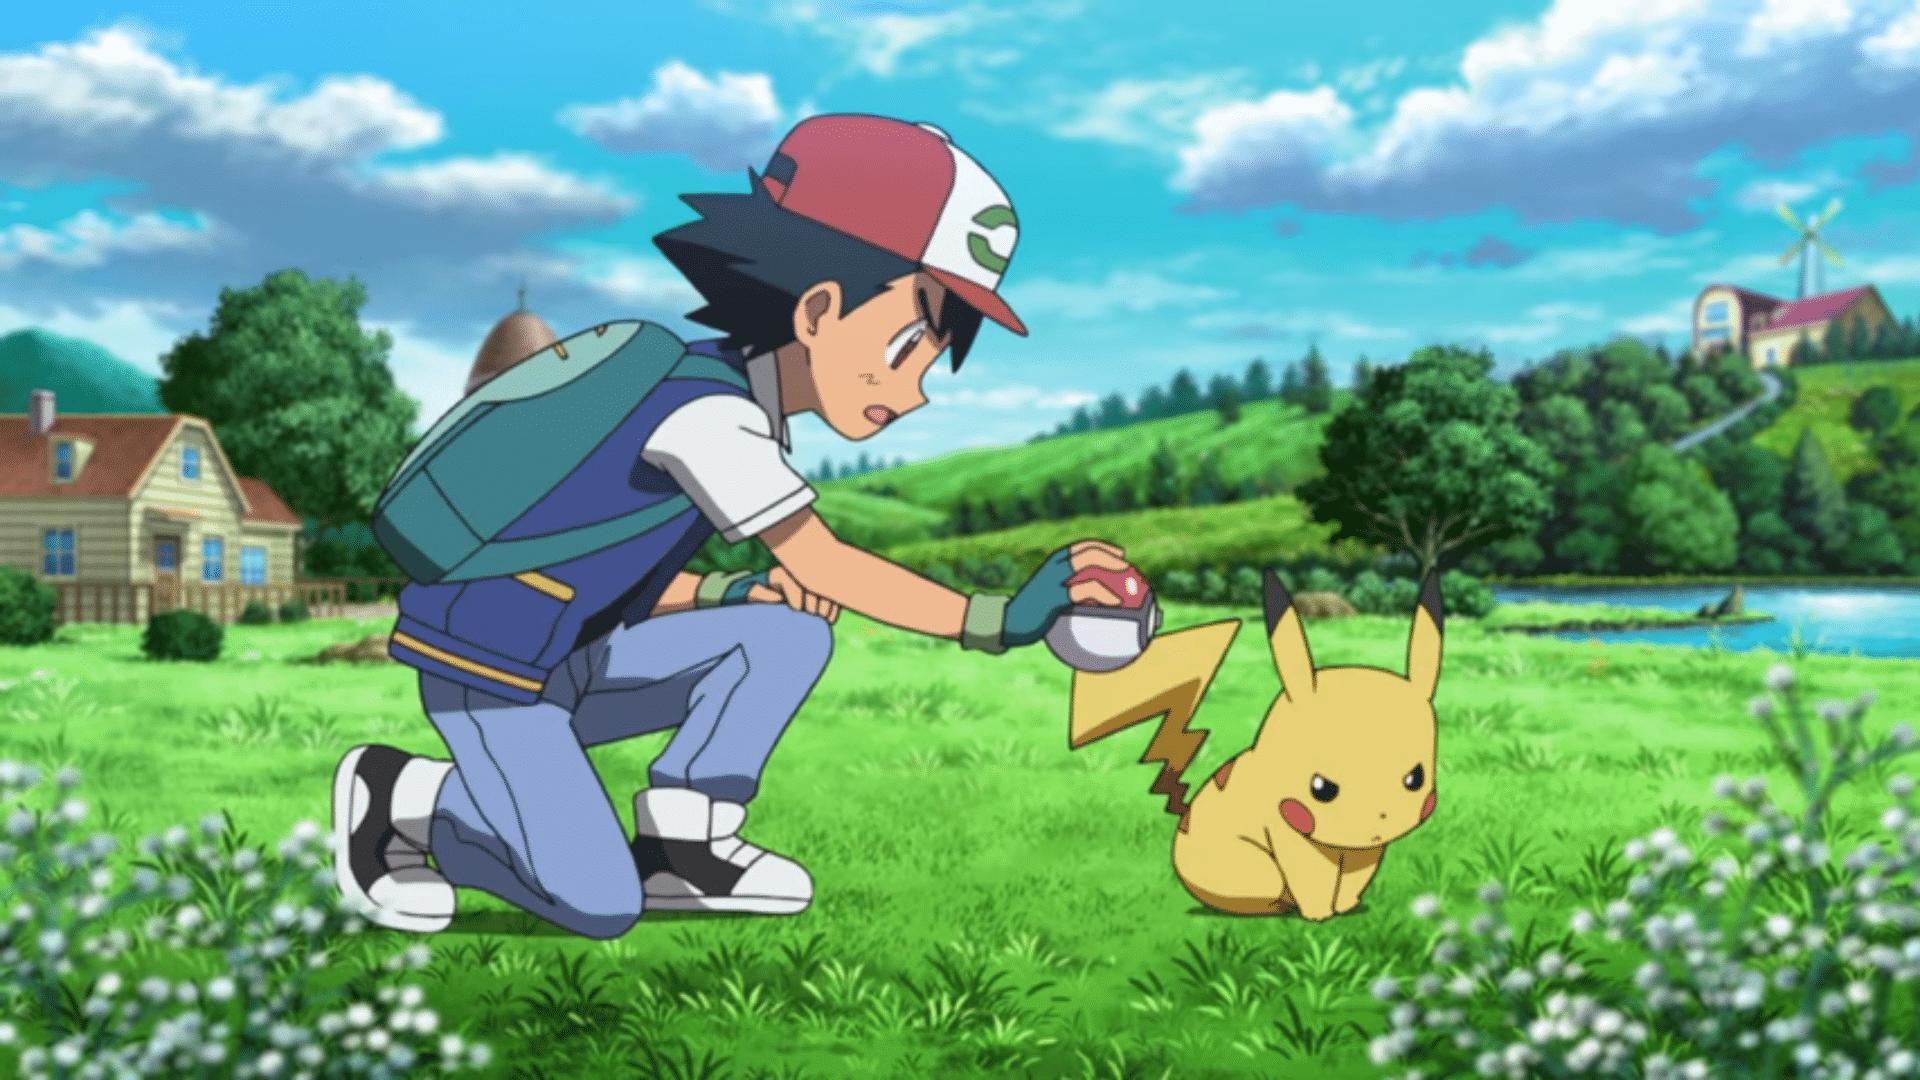 Cena de Pokémon